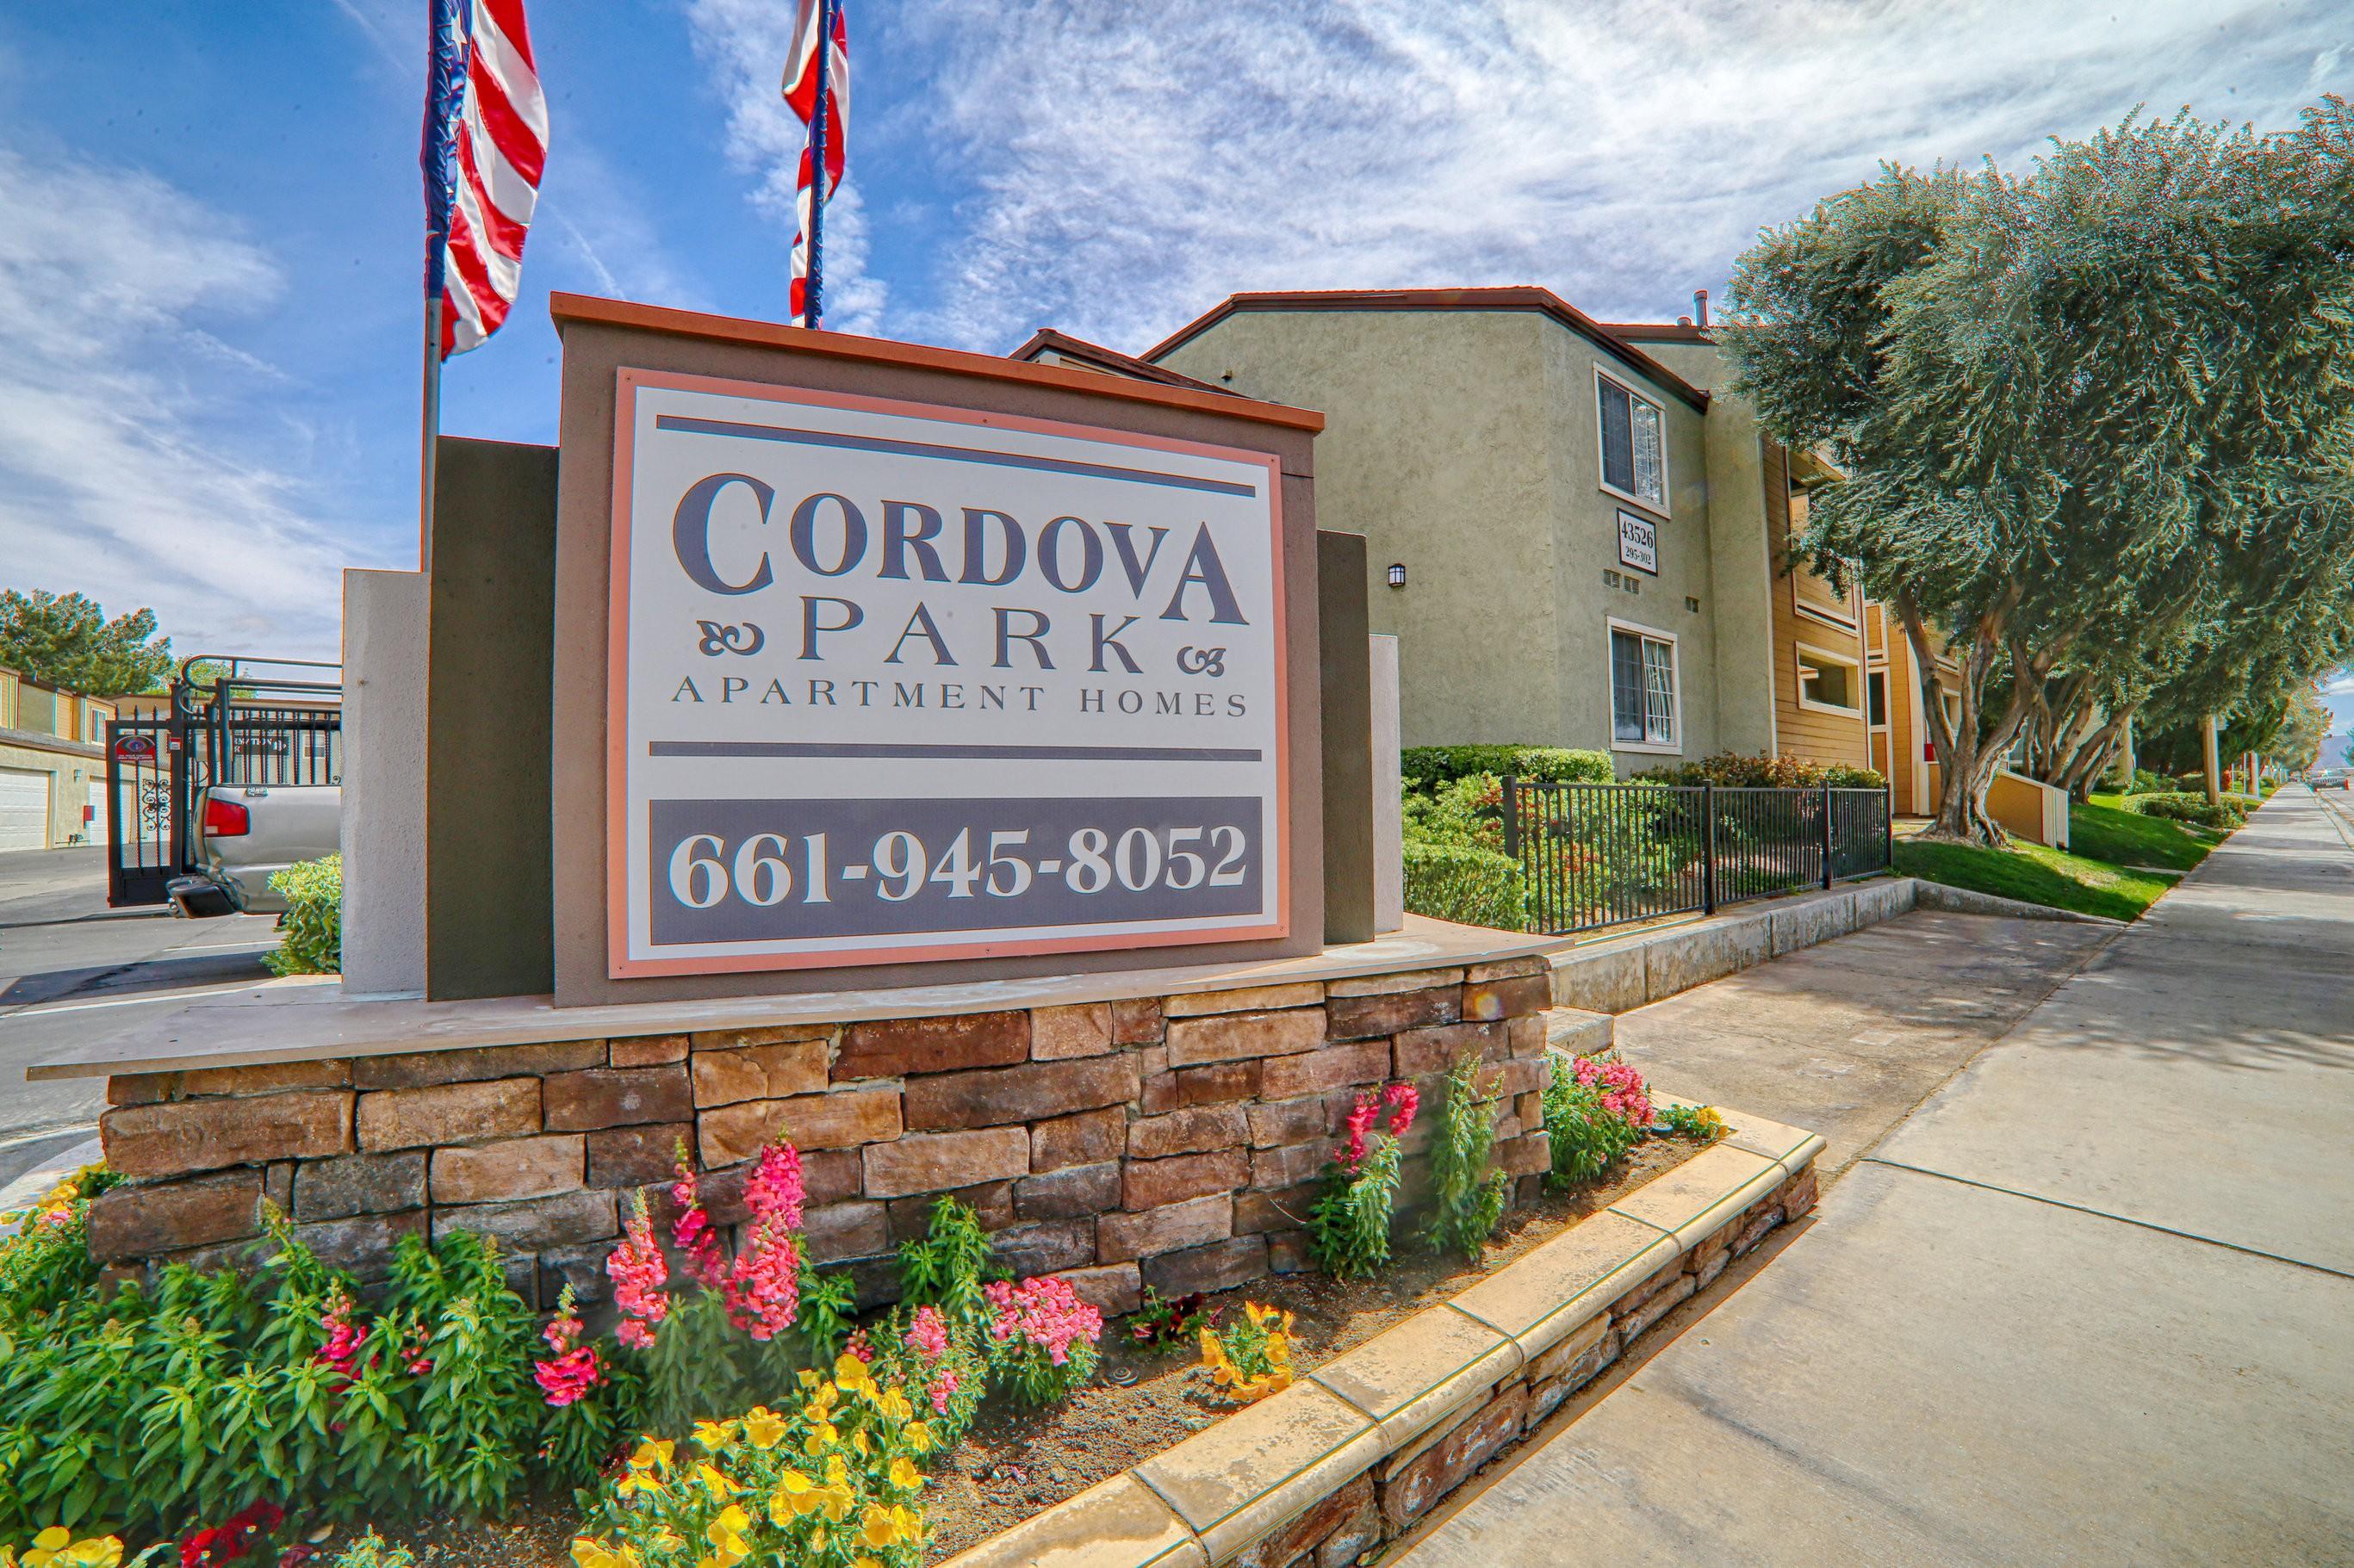 Cordova Park Apartment Homes